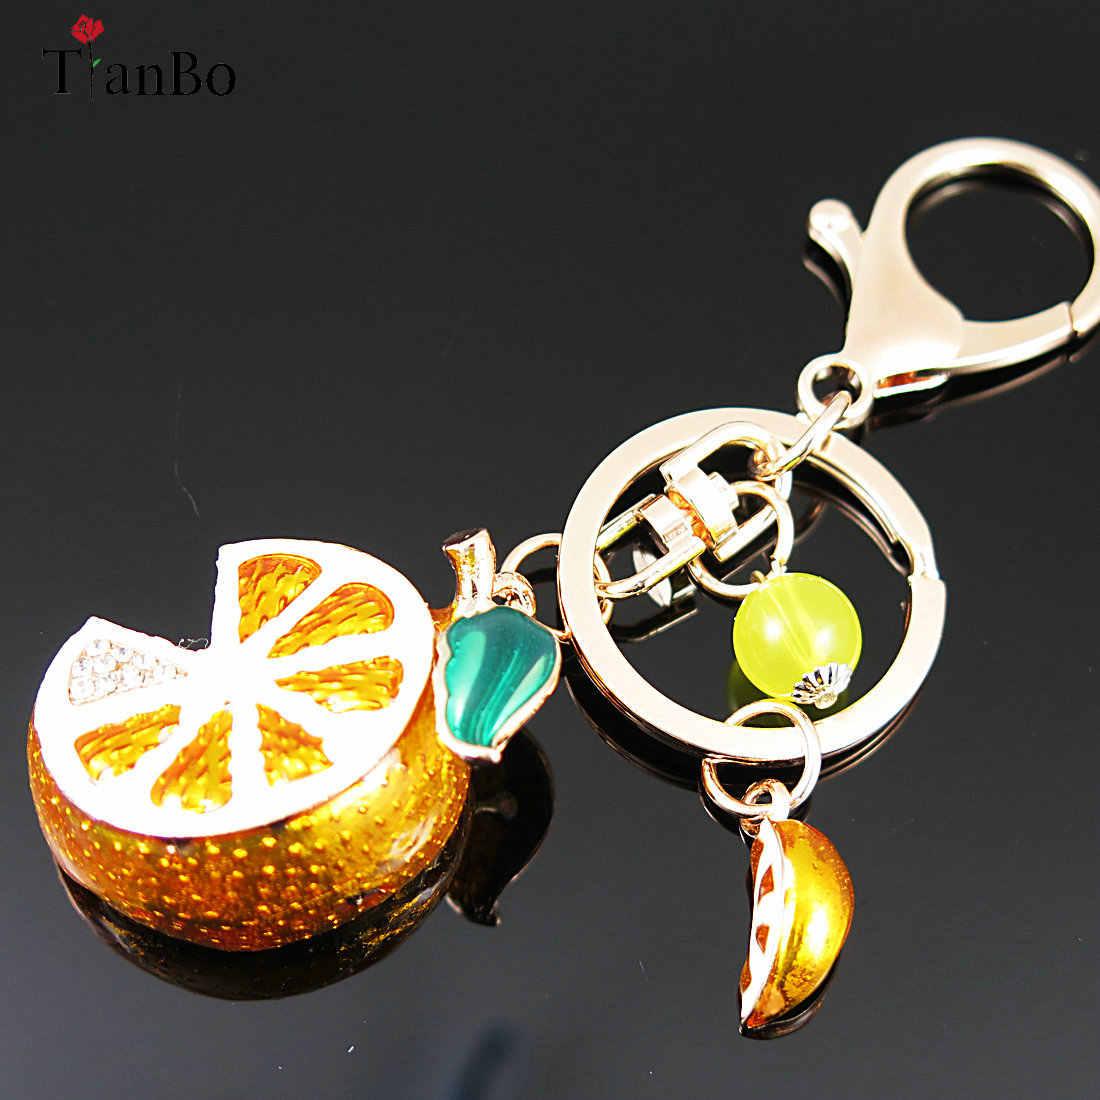 TianBo 3D Fruto Chaveiro Laranja & Limão Charme Pingente de Presente de Casamento de Cristal Rhinestone Keychain para Bolsa Do Saco Do Partido Do Carro Coleção